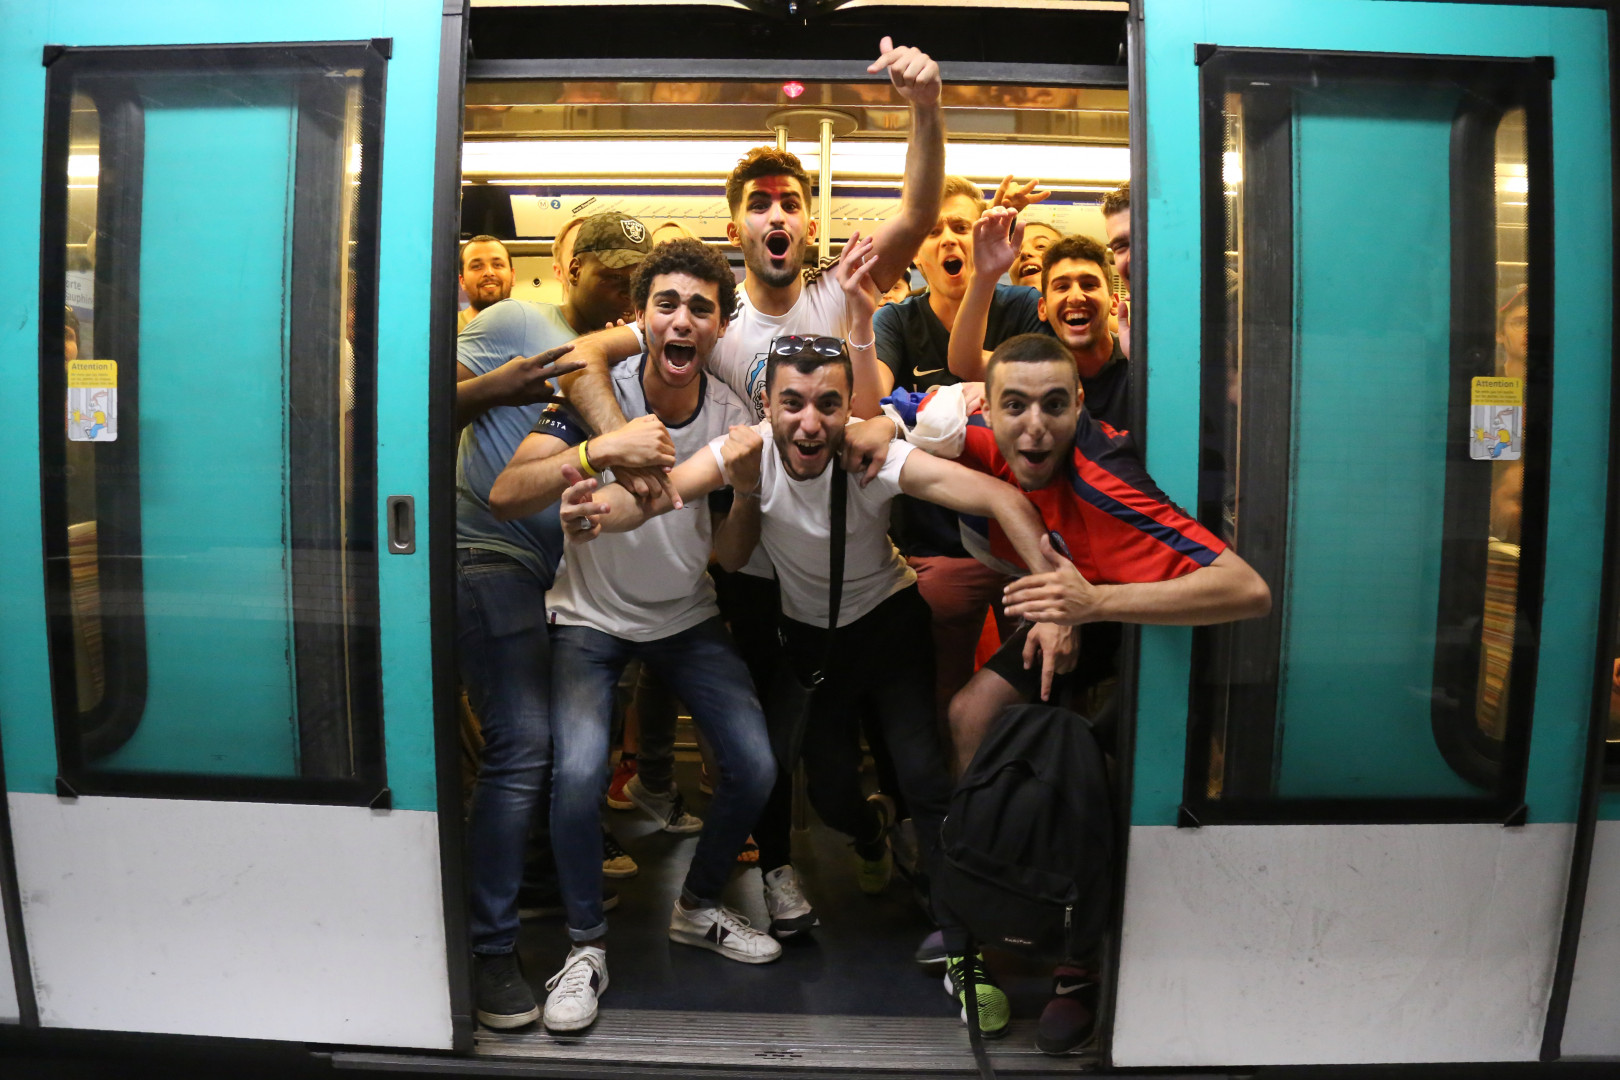 Les Français célèbrent la victoire de la France contre la Belgique mardi 10 juillet dans le métro à Paris.